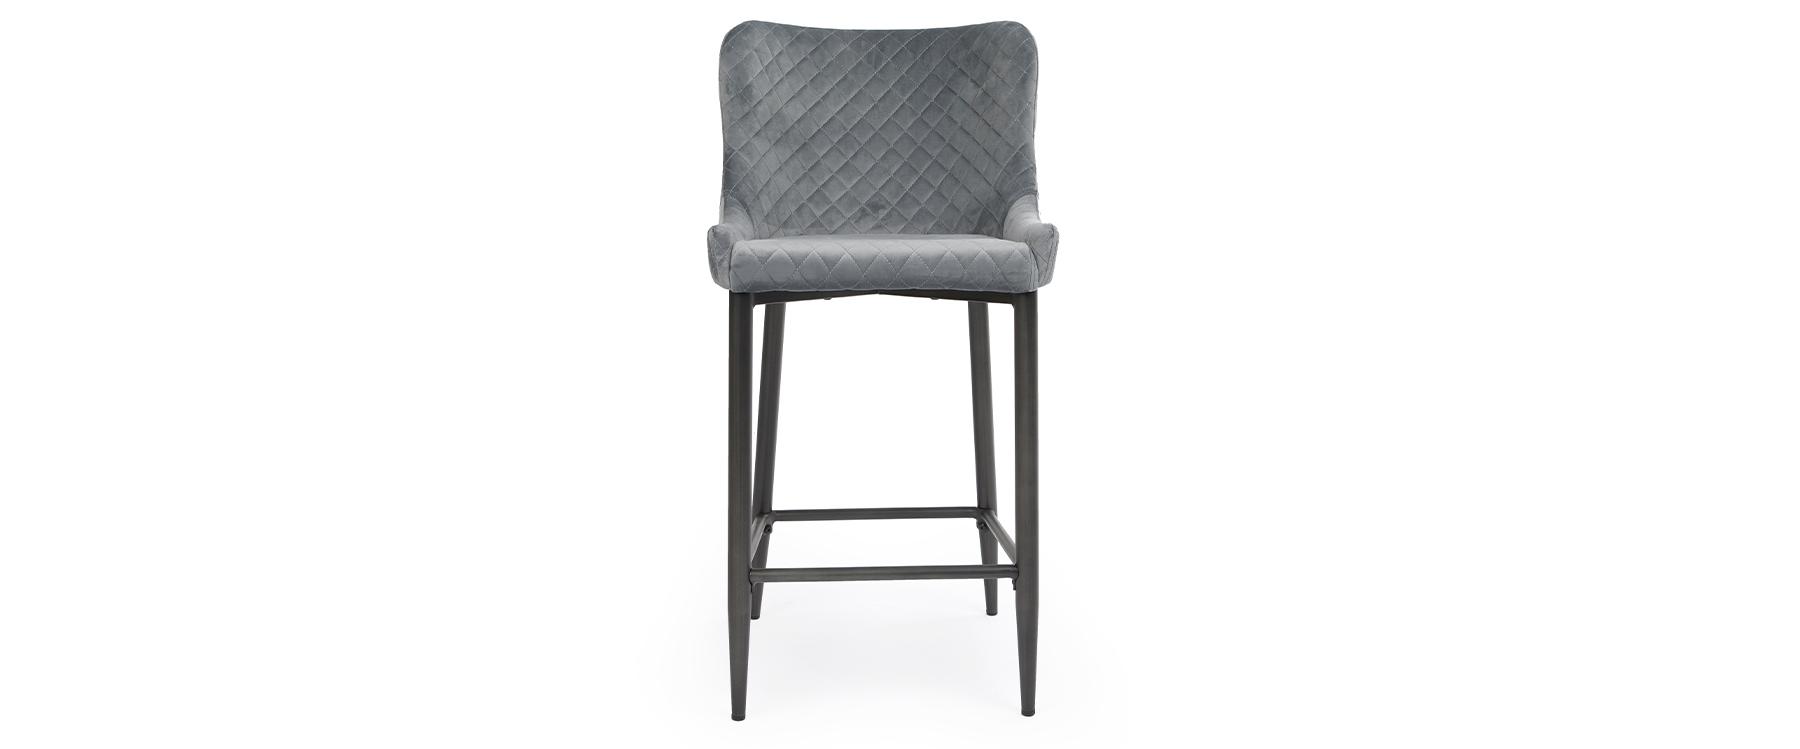 Oledo Grey Velvet Bar Stool with Black Legs